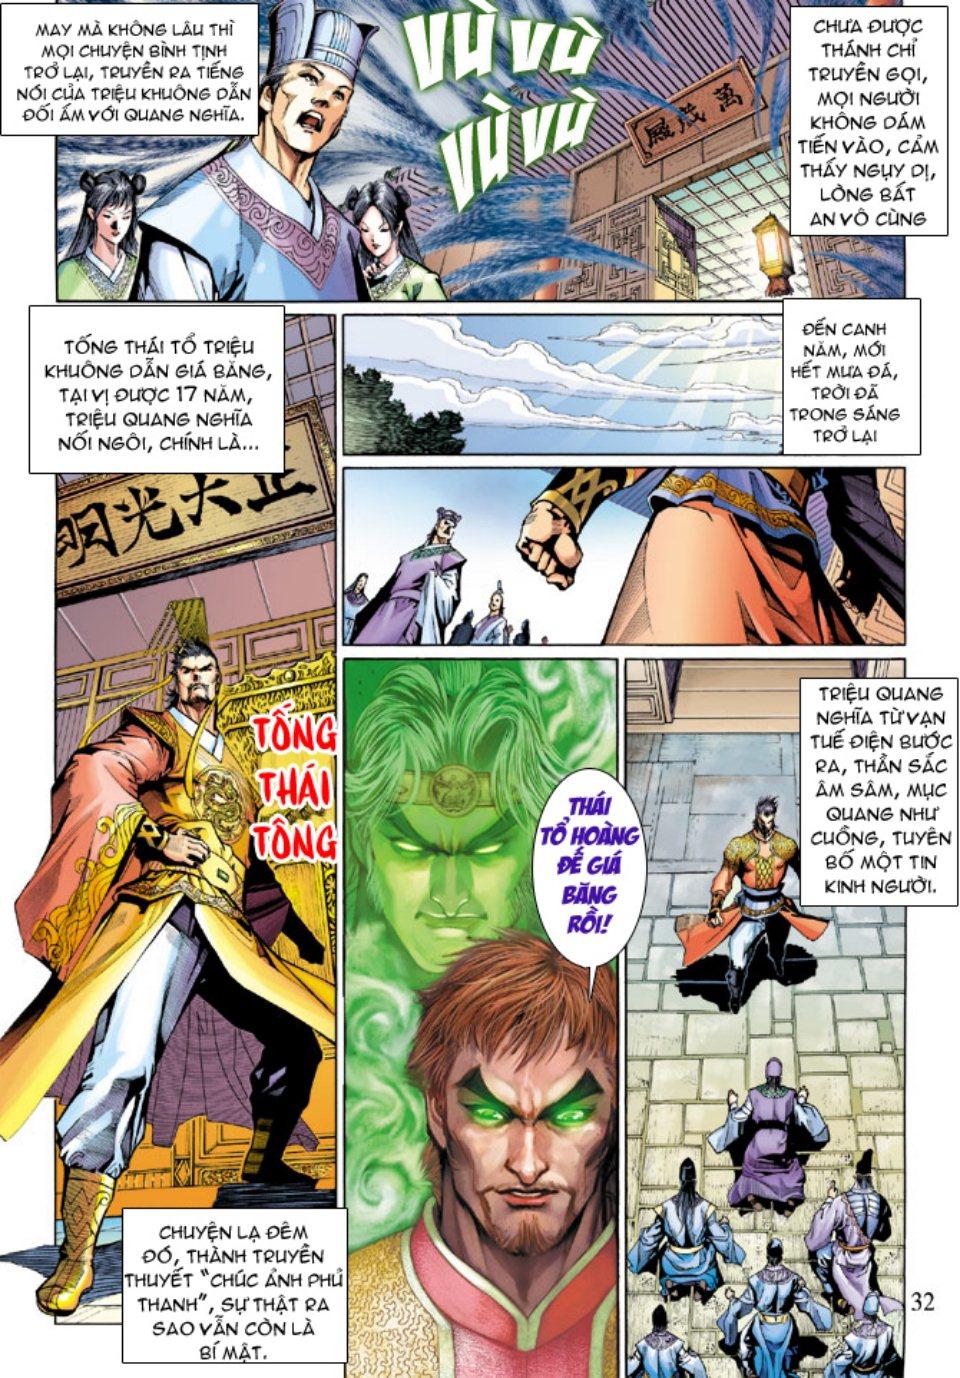 Thiên Tử Truyền Kỳ 5 – Như Lai Thần Chưởng chap 214 – End Trang 31 - Mangak.info